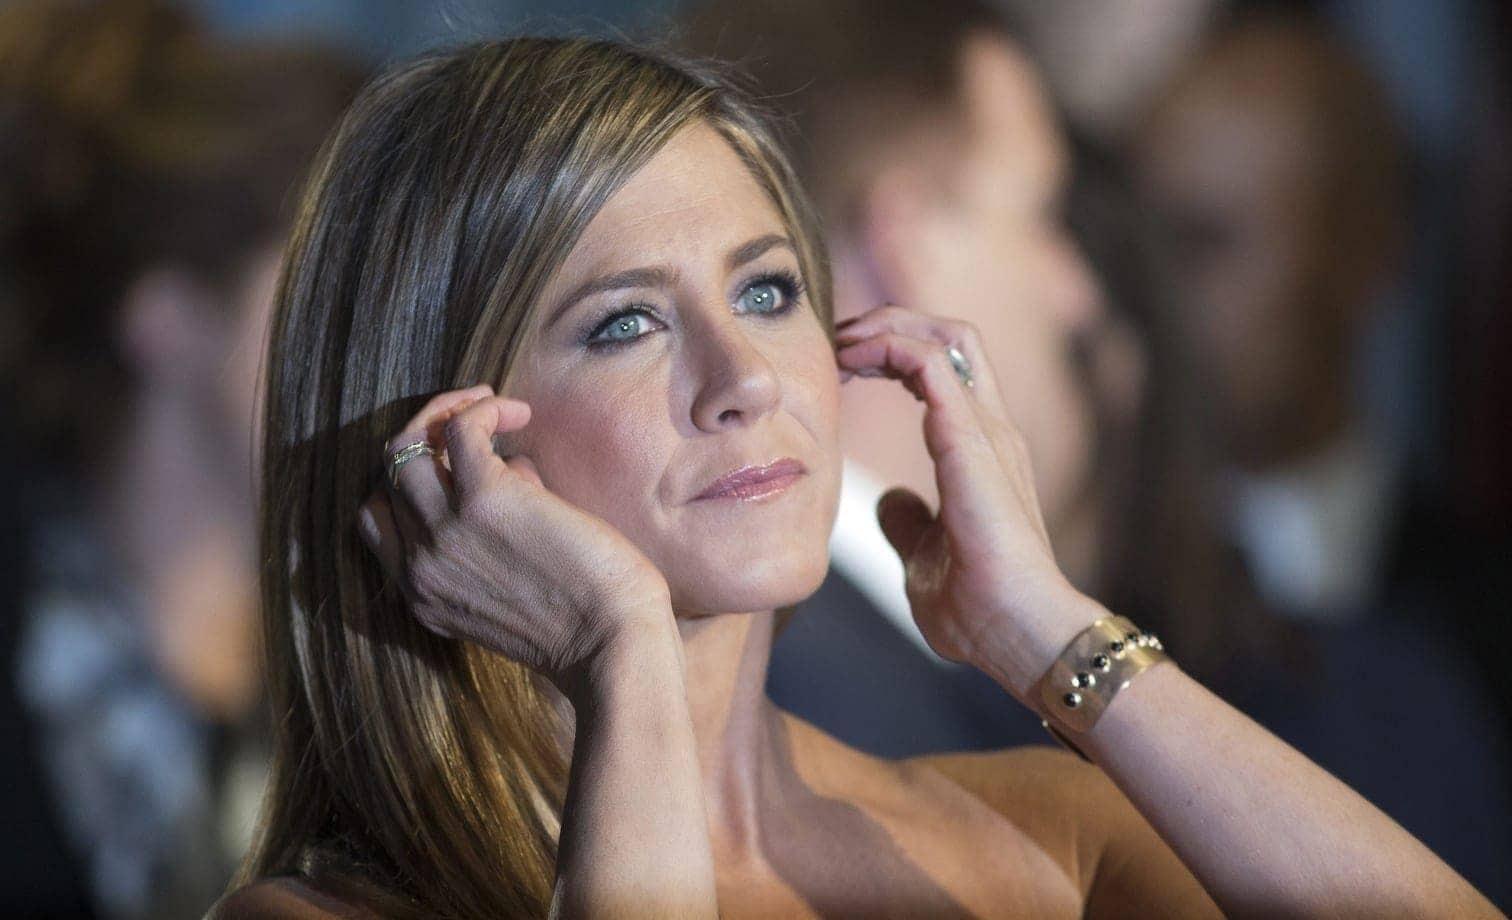 <p>Jennifer Joanna Aniston wurde am 11. Februar 1969 in Los Angeles geboren. Ihre Berühmtheit hat die Tochter eines griechischstämmigen Schauspielers ihrer Rolle als Rachel Green in der Hit-Sitcom